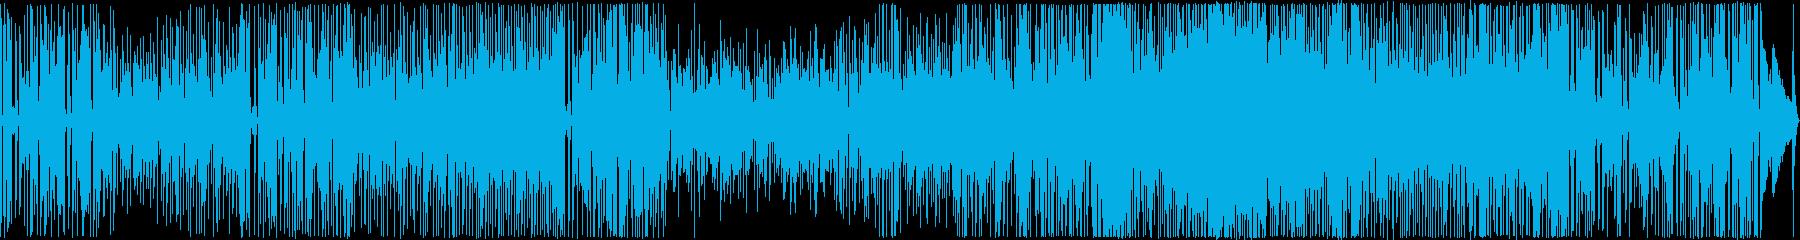 躍動感のあるピアノトリオの再生済みの波形